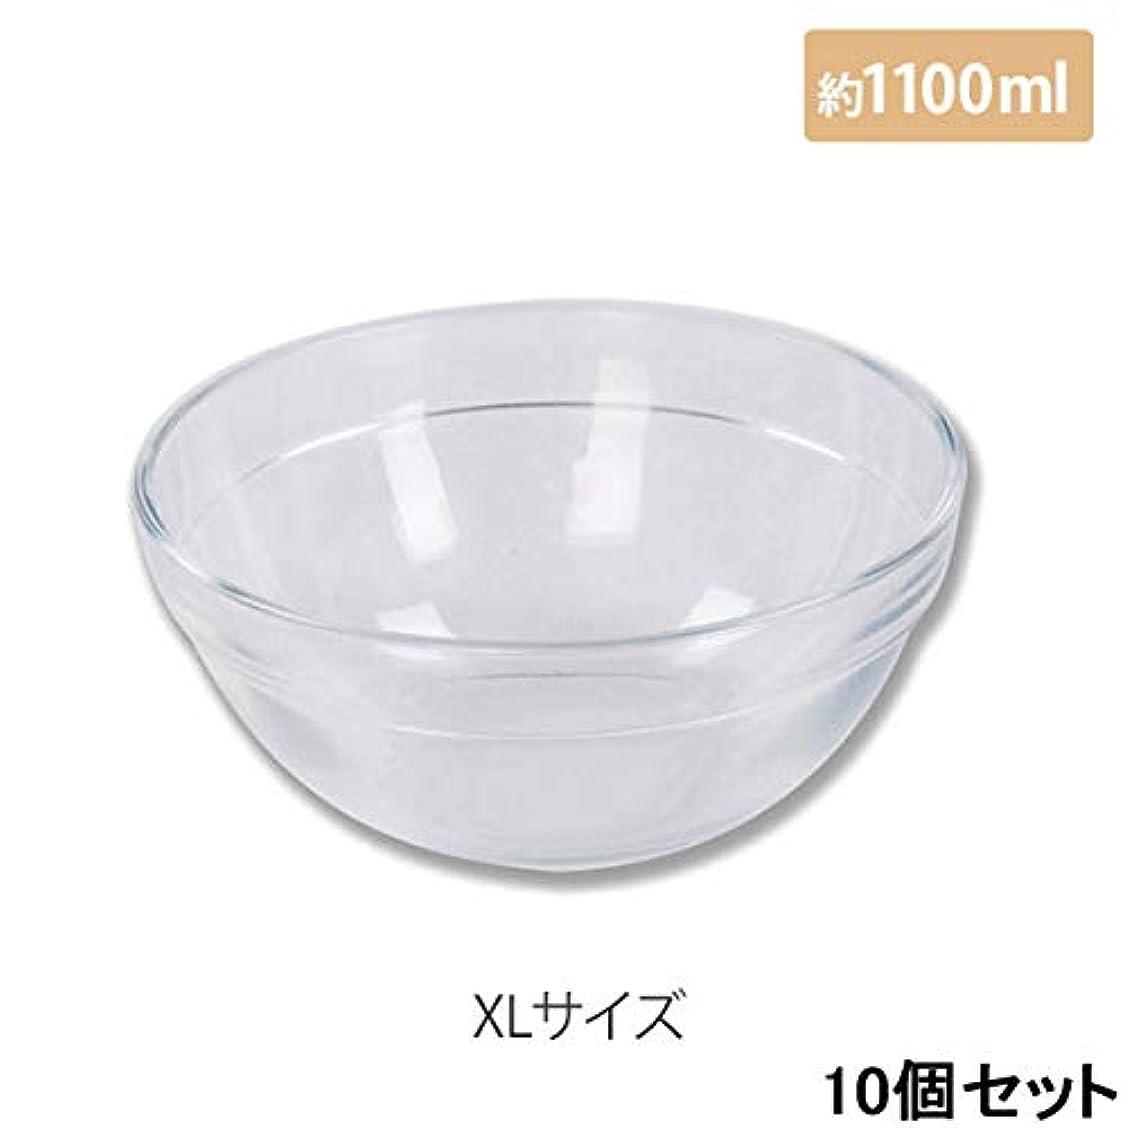 船形カレッジ何マイスター プラスティックボウル (XLサイズ) クリア 直径20cm (10個セット) [ プラスチックボール カップボウル カップボール エステ サロン プラスチック ボウル カップ 割れない ]